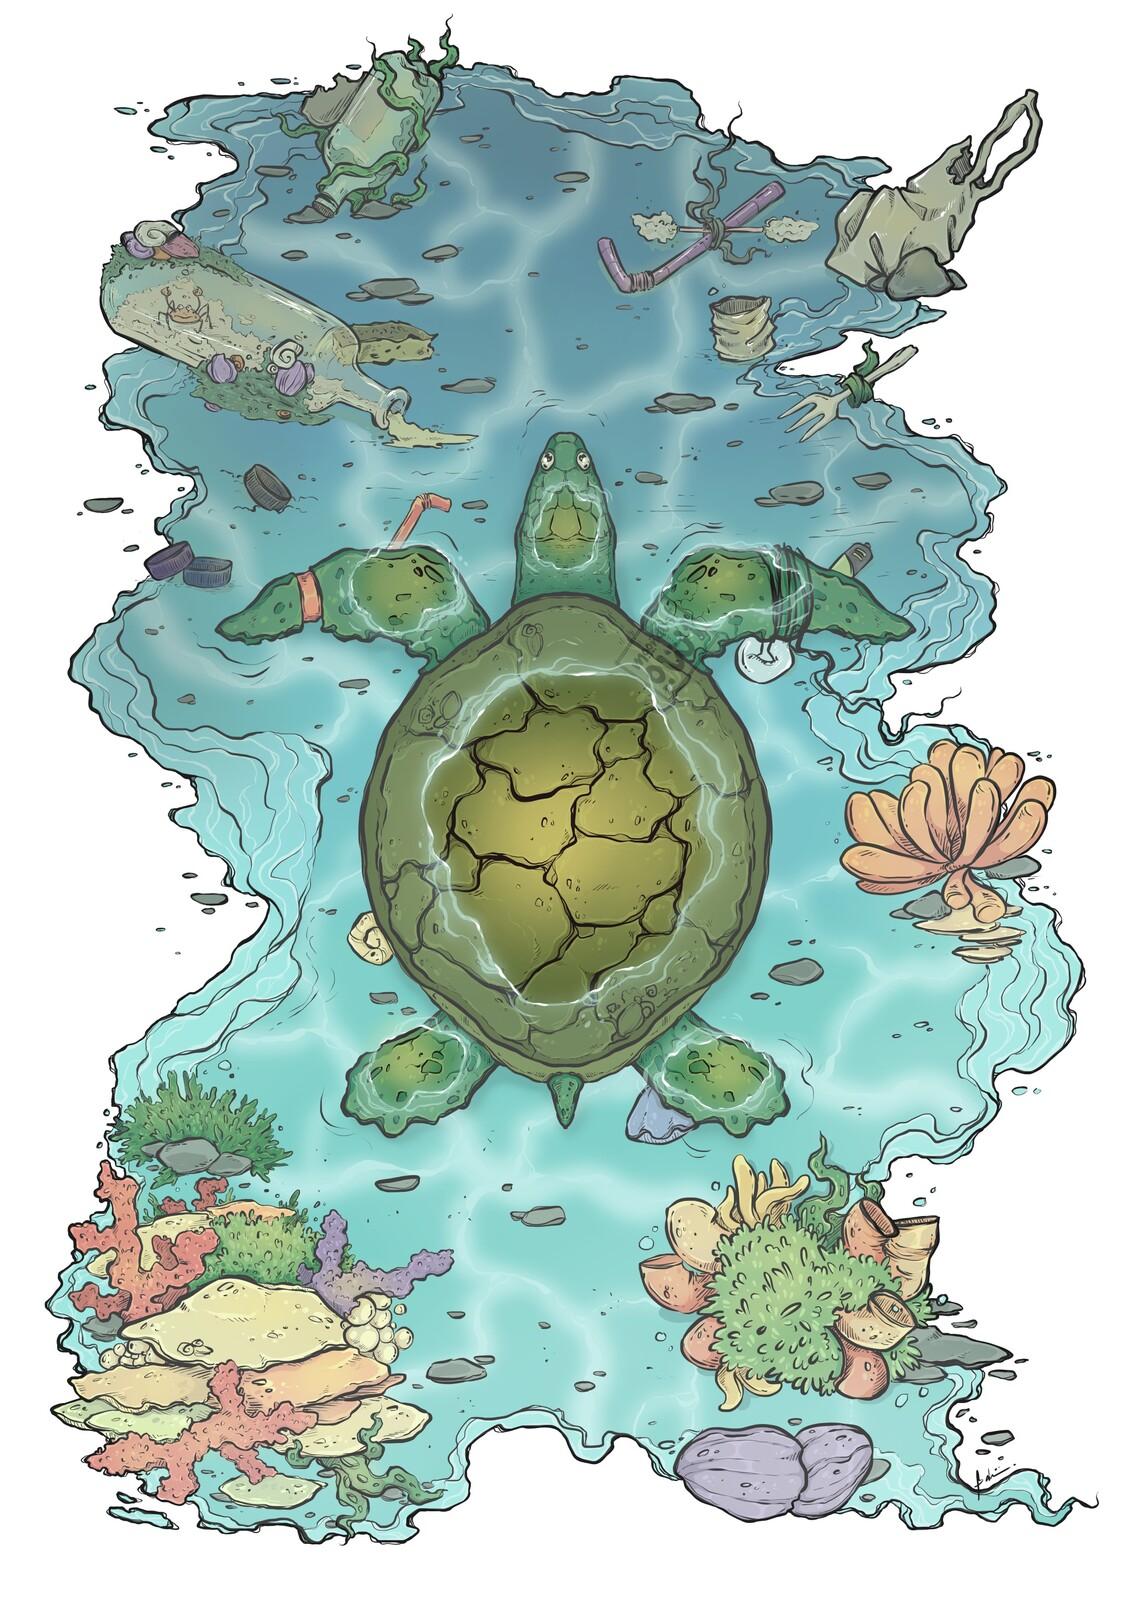 Finished digital illustration